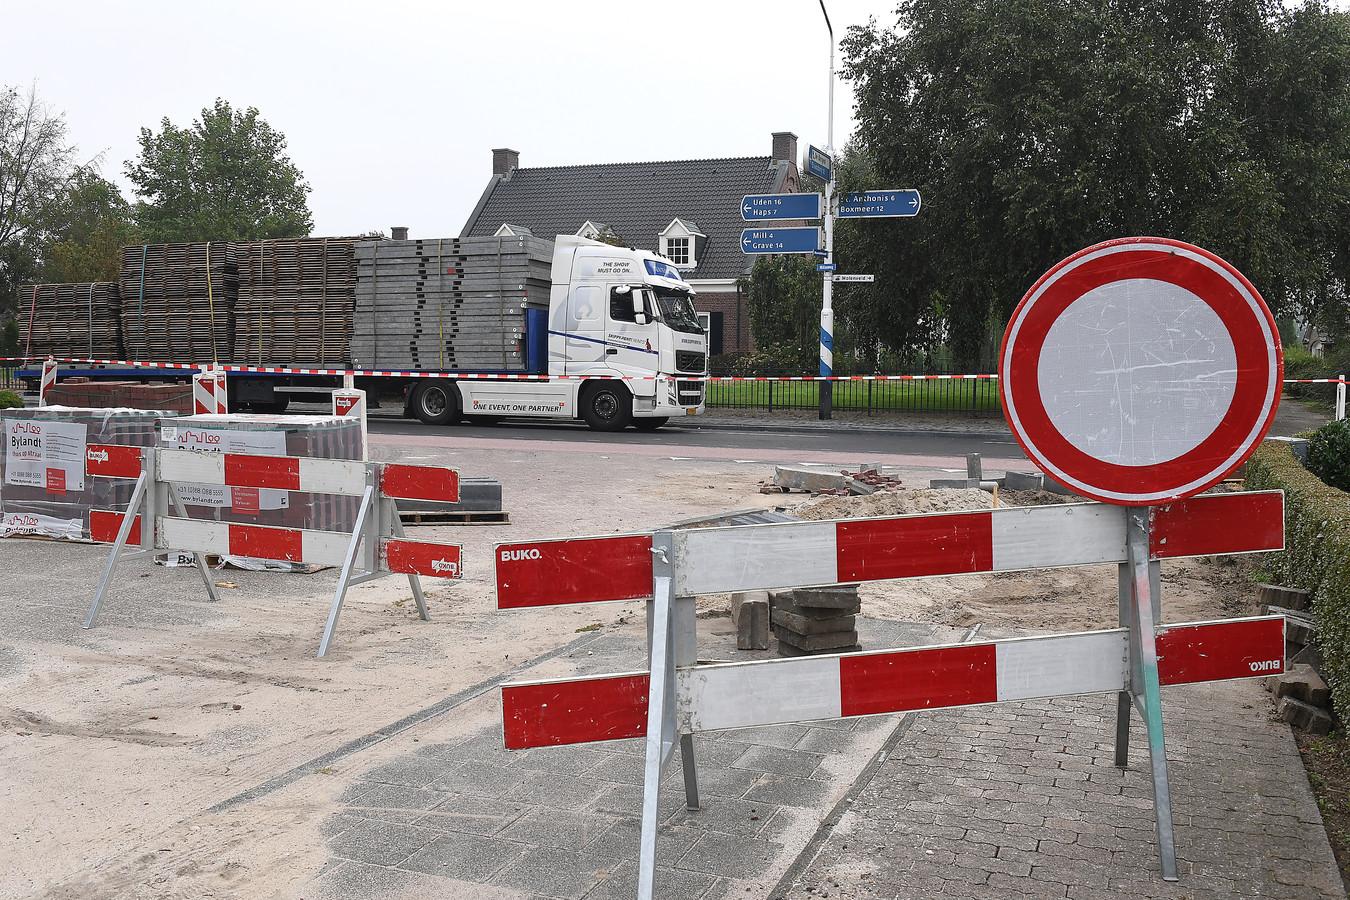 Een vrachtwagen rijdt bij Wanroij op de N602, terwijl die daar vanwege het inrijverbod helemaal niet mag rijden. Om dit tegen te gaan gaat de politie extra controleren.